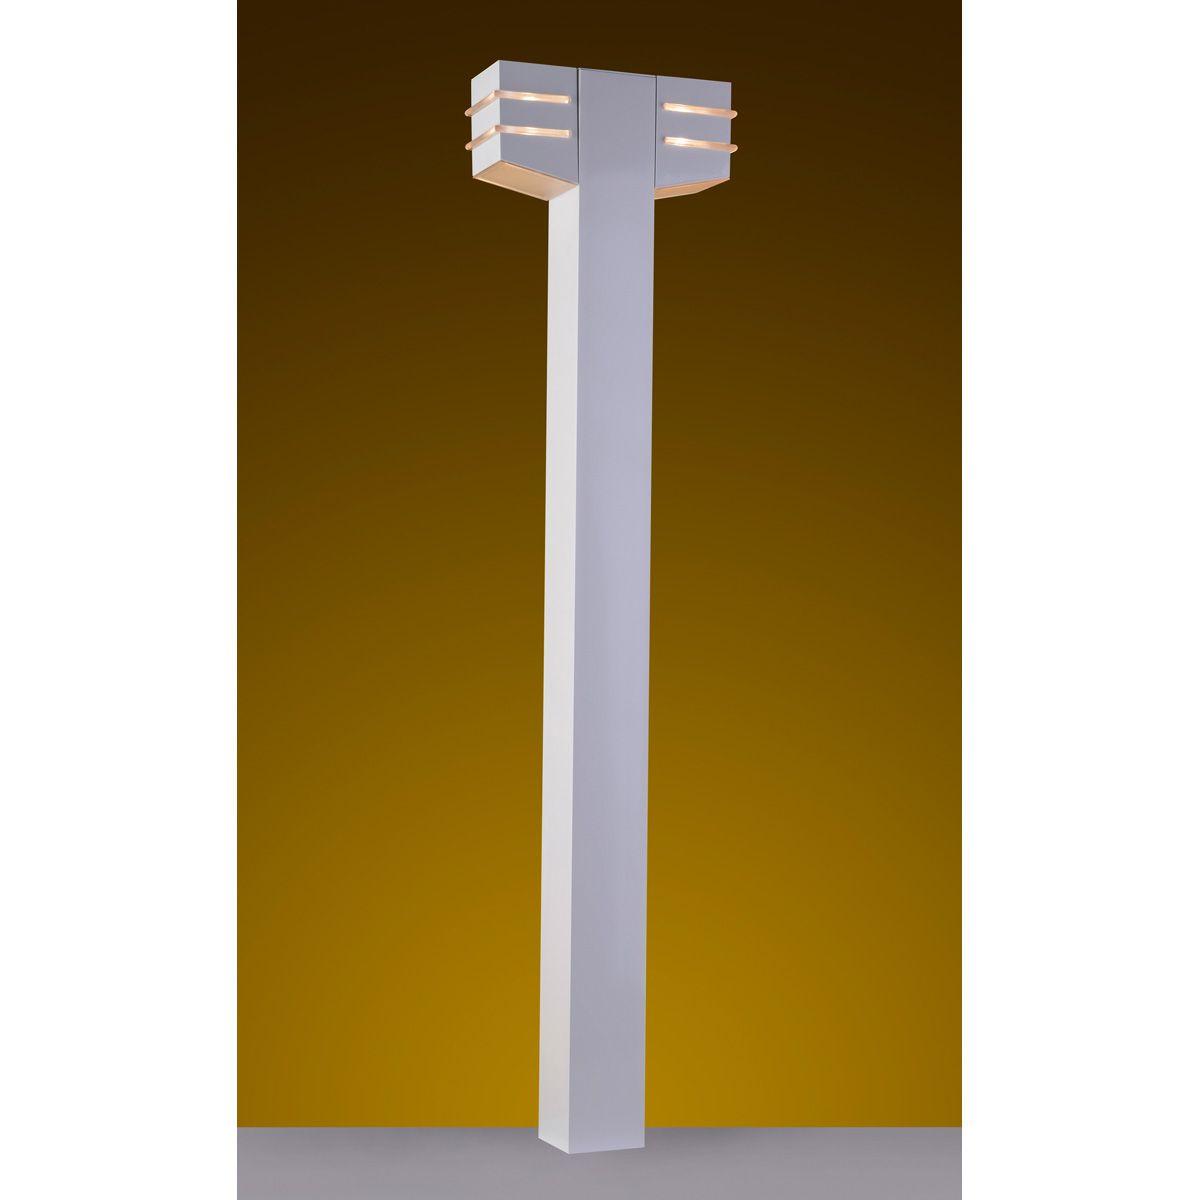 """Balizador Flash Tubo Quadrado 02L 3"""" 02 G9 100cm Tampa inferior Diagonal em Policarbonato com AntiUV - Branco"""